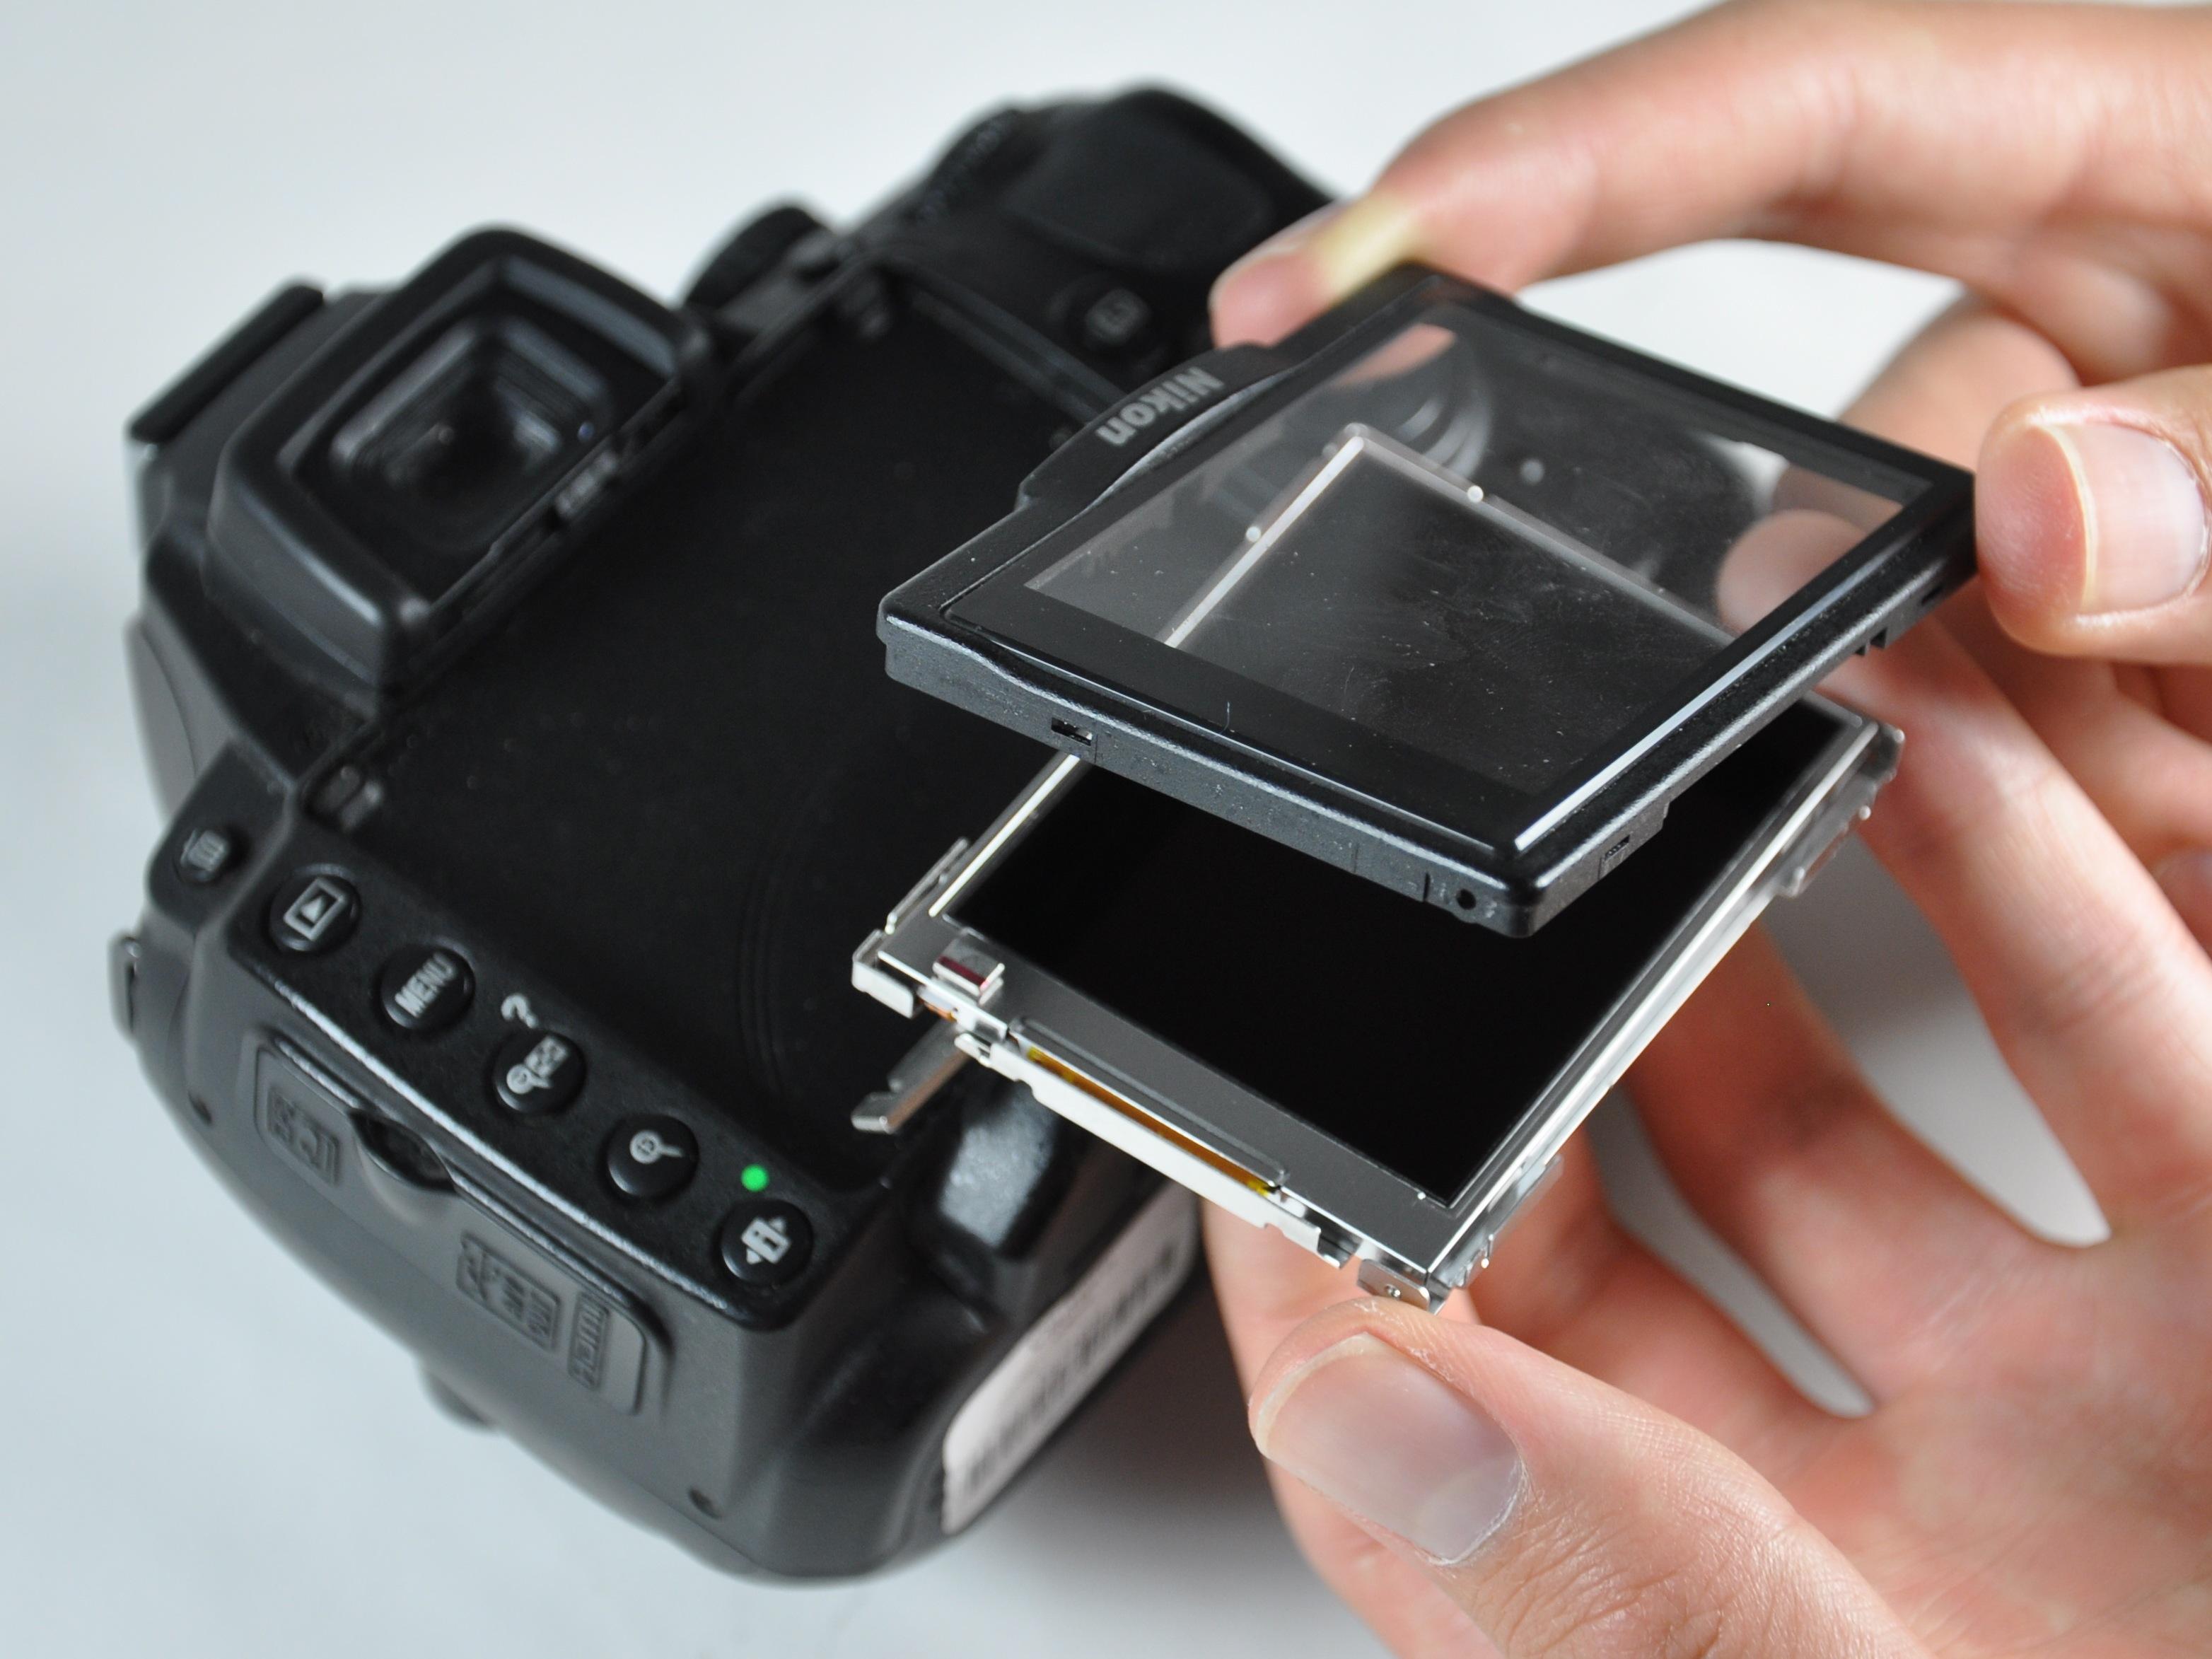 nikon d5000 repair ifixit rh ifixit com nikon d5000 repair manual download nikon d5000 repair manual